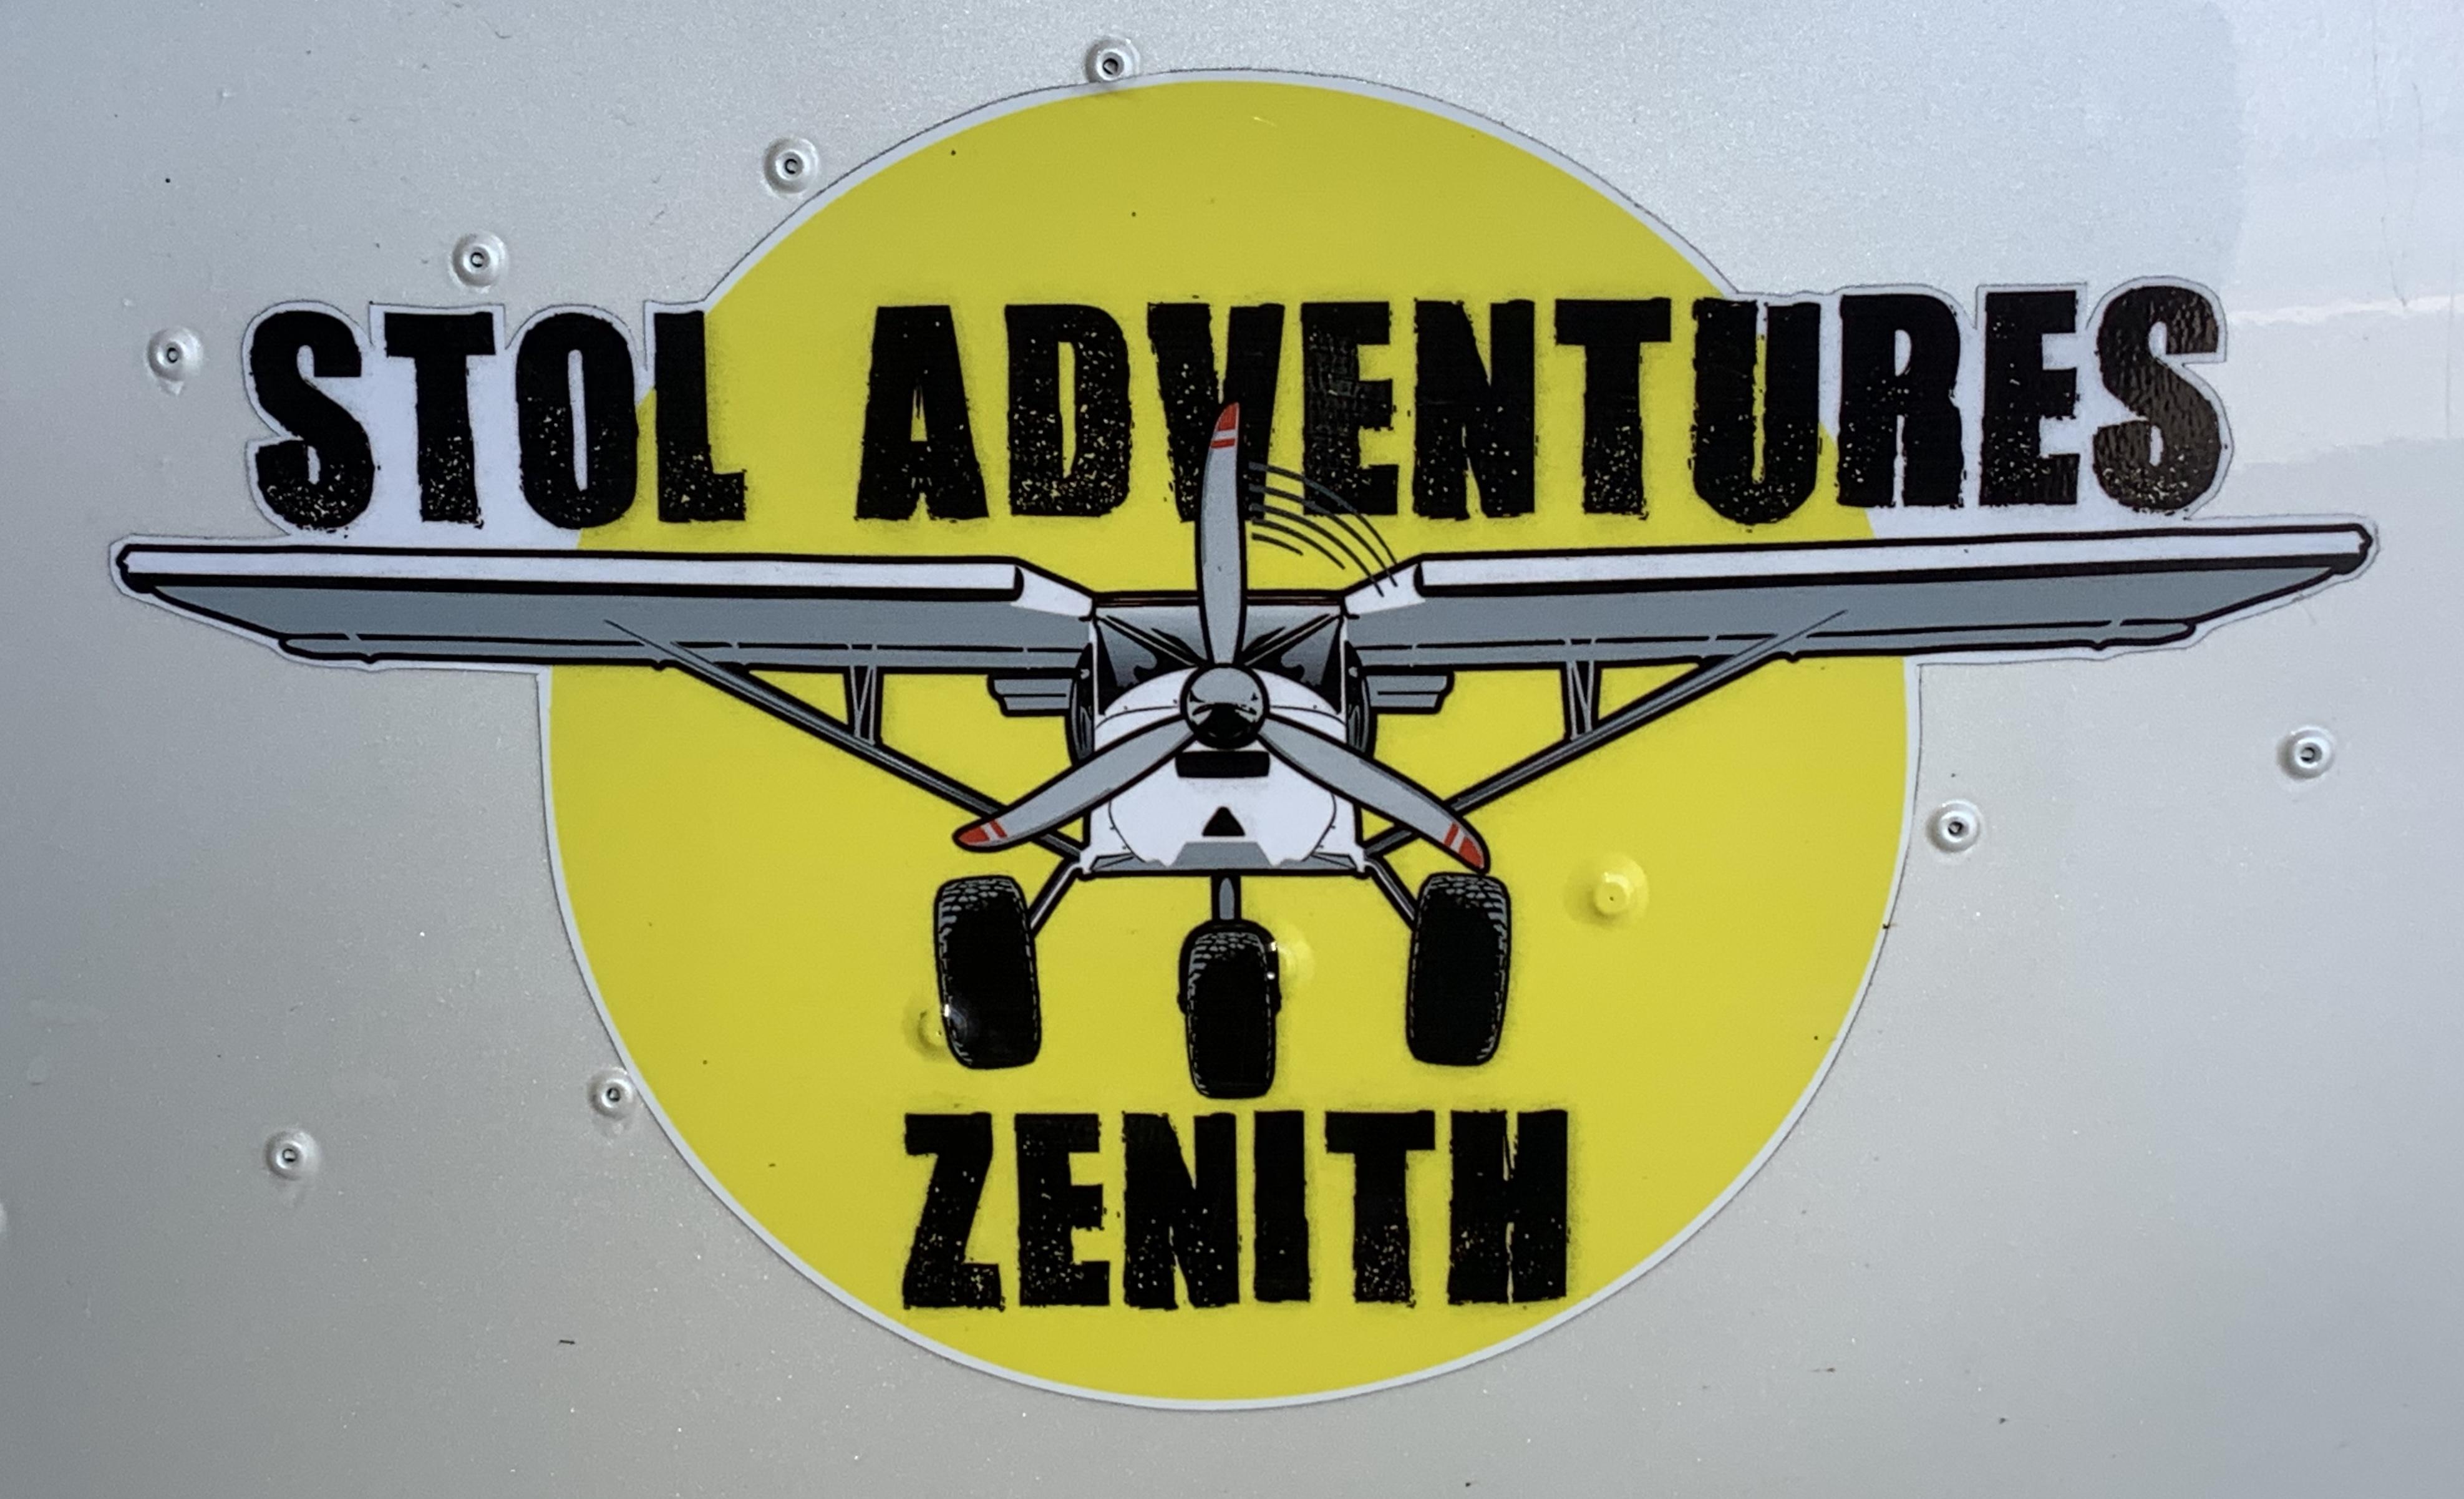 STOL ADVENTURES ZENITH